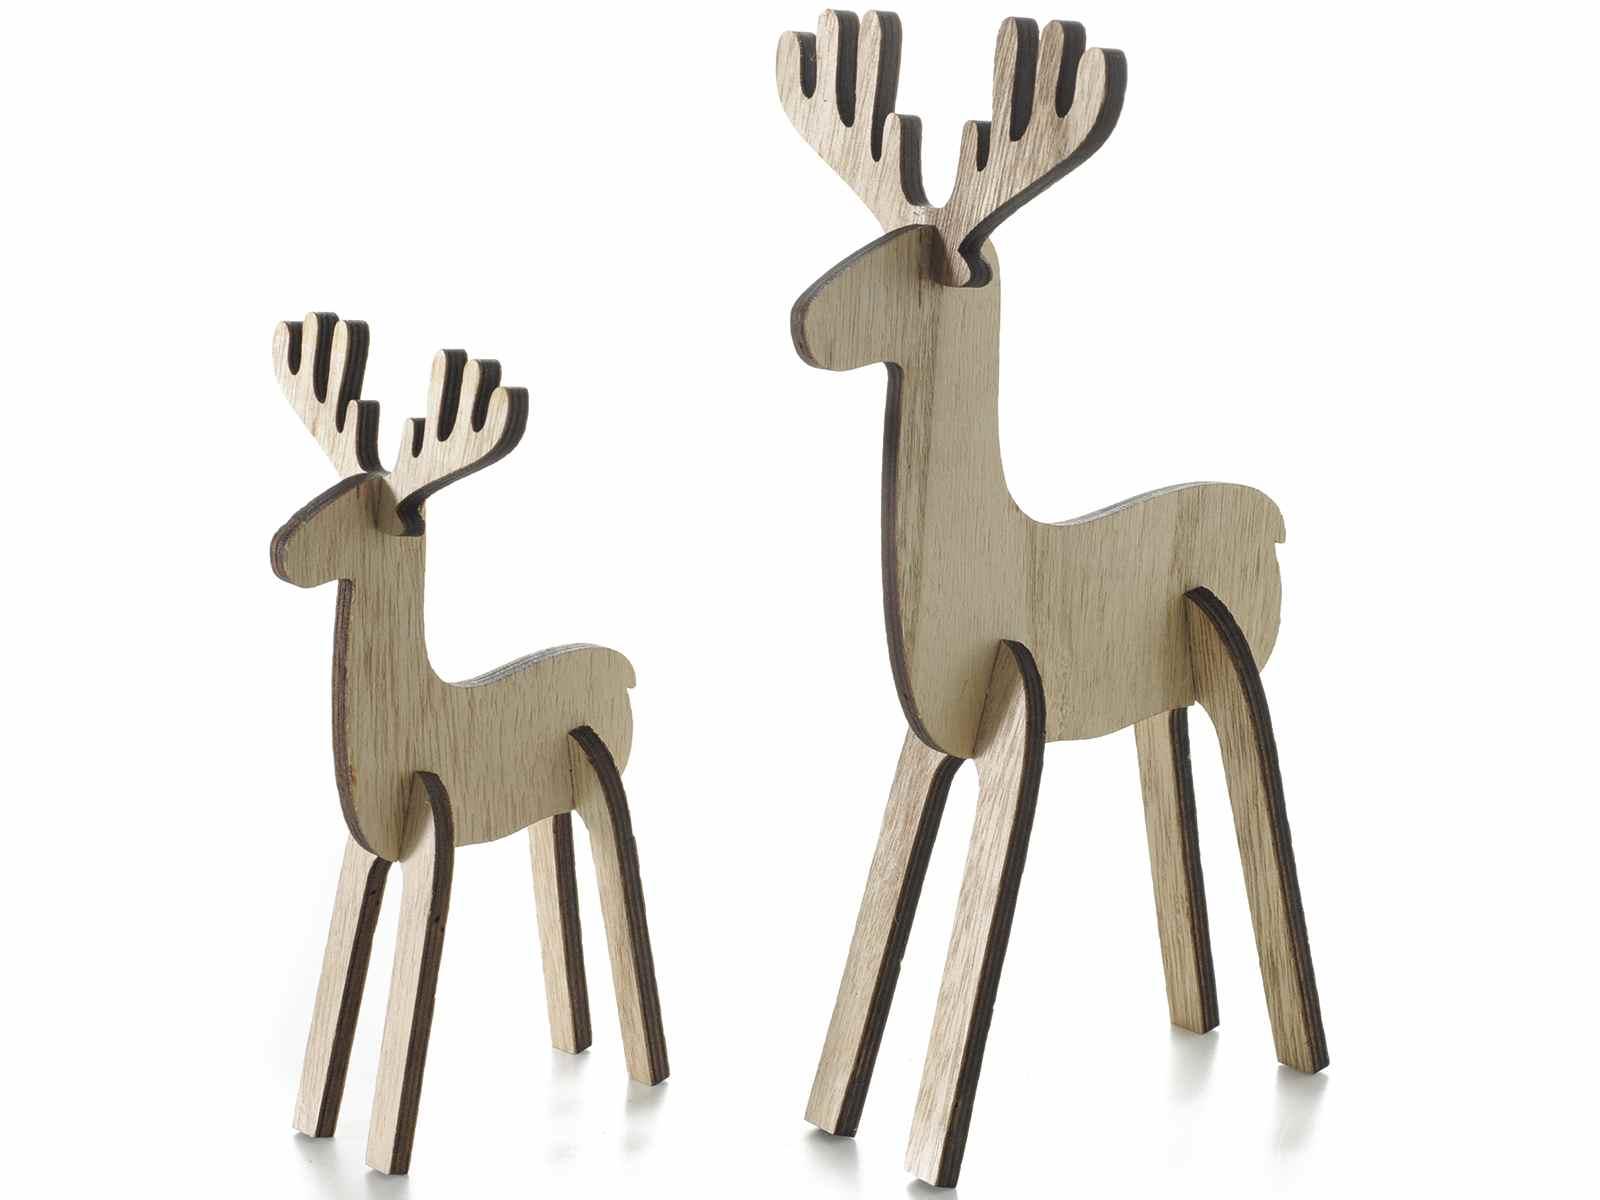 Set 2 rennes en bois naturel emboiter art from italy - Renne de noel en bois ...